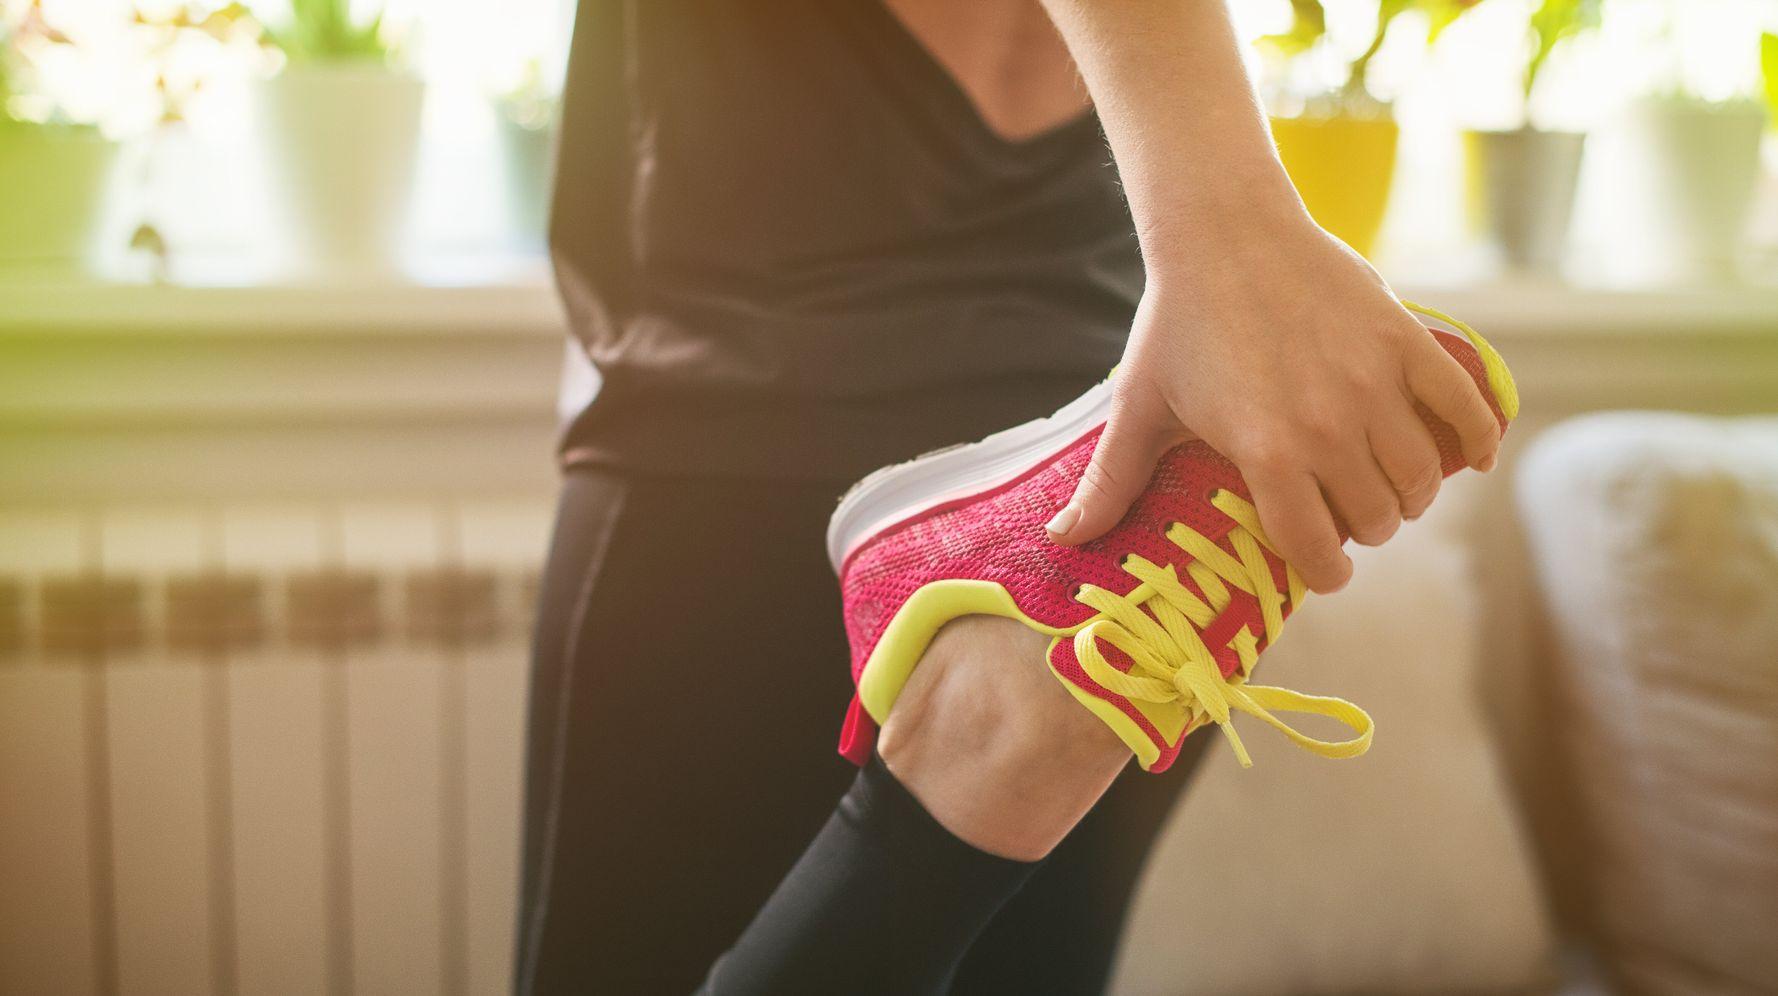 """Chạy bộ rất tốt để giảm cân và rèn luyện sức khỏe nhưng nếu chị em thực hiện trong 3 """"khung giờ vàng"""" này thì hiệu quả sẽ còn tăng lên gấp bội - Ảnh 4."""